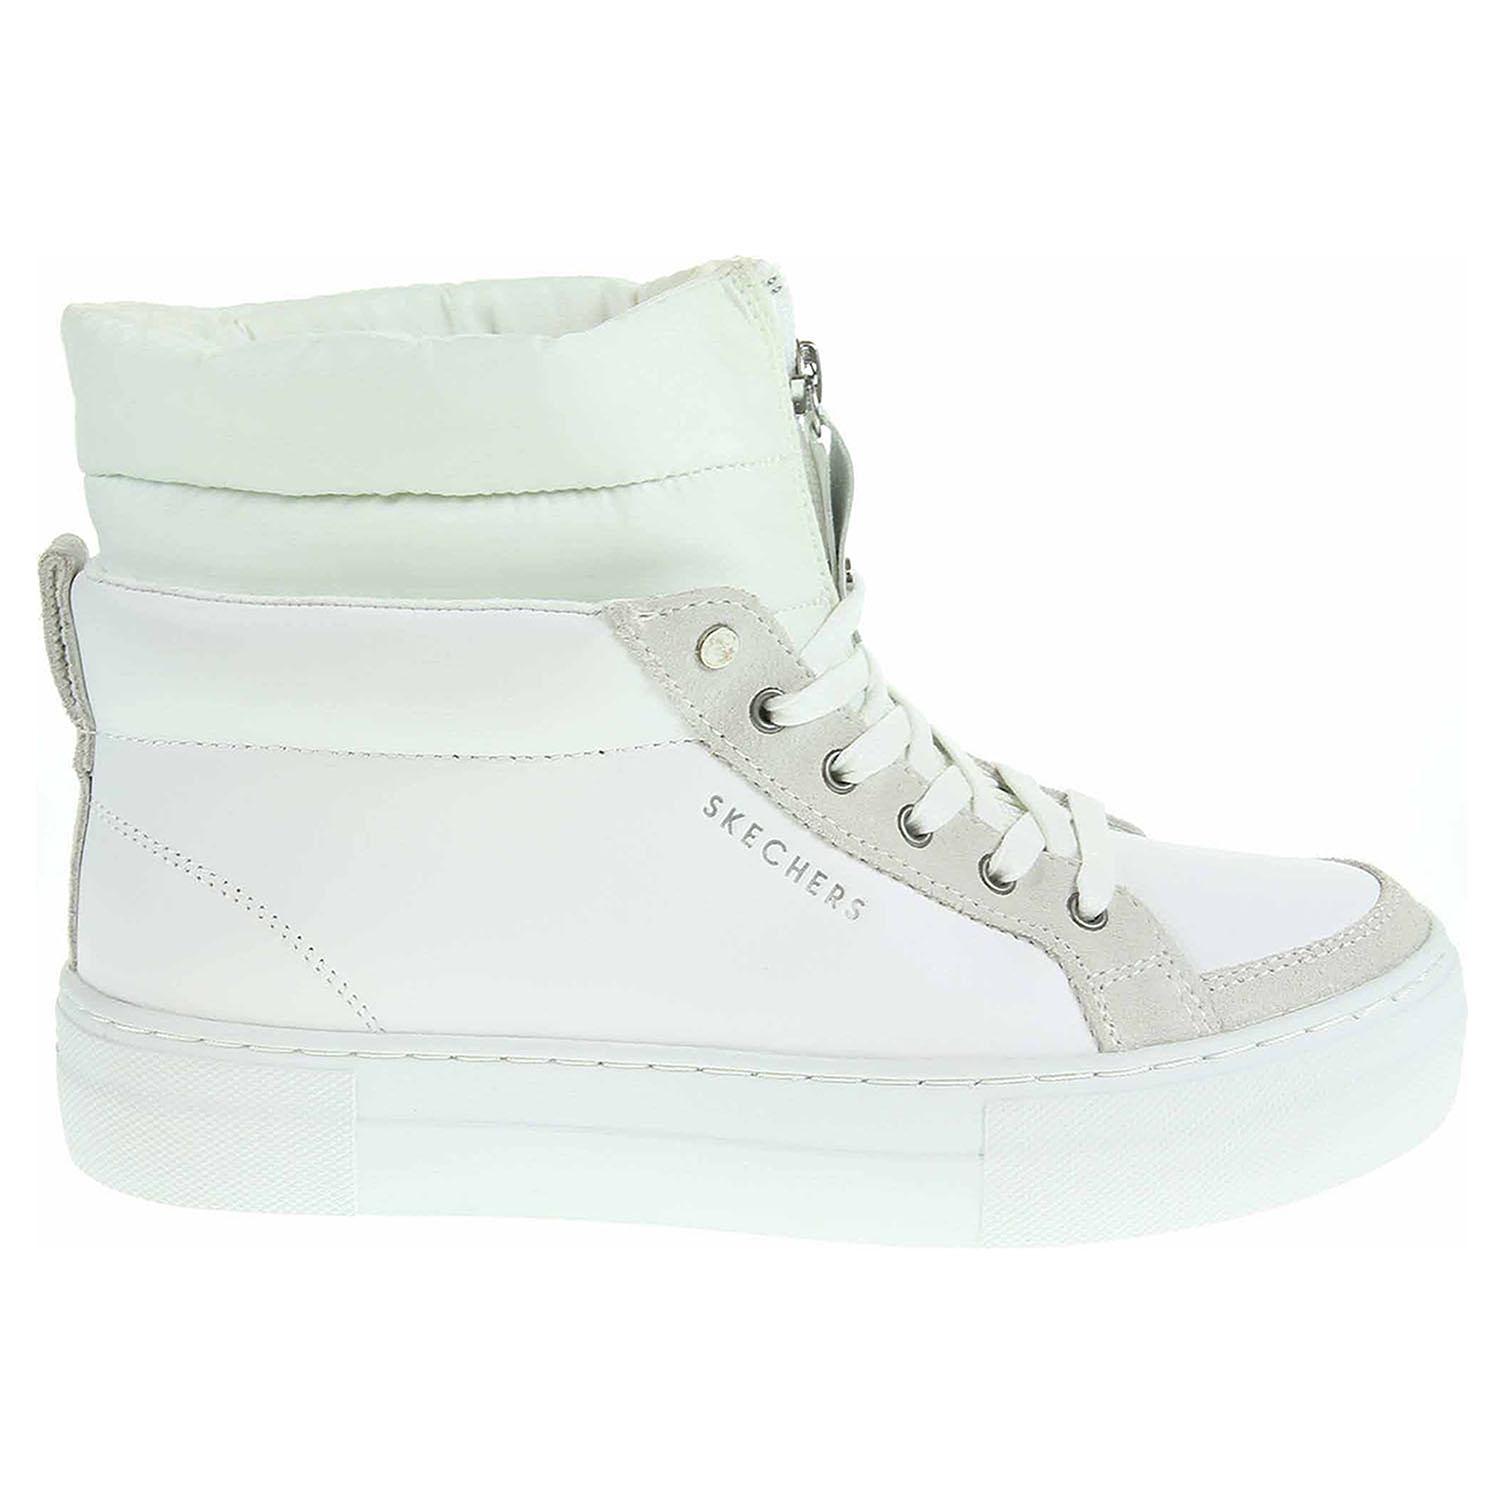 Skechers Alba - Winter Street white 73585 WHT 39